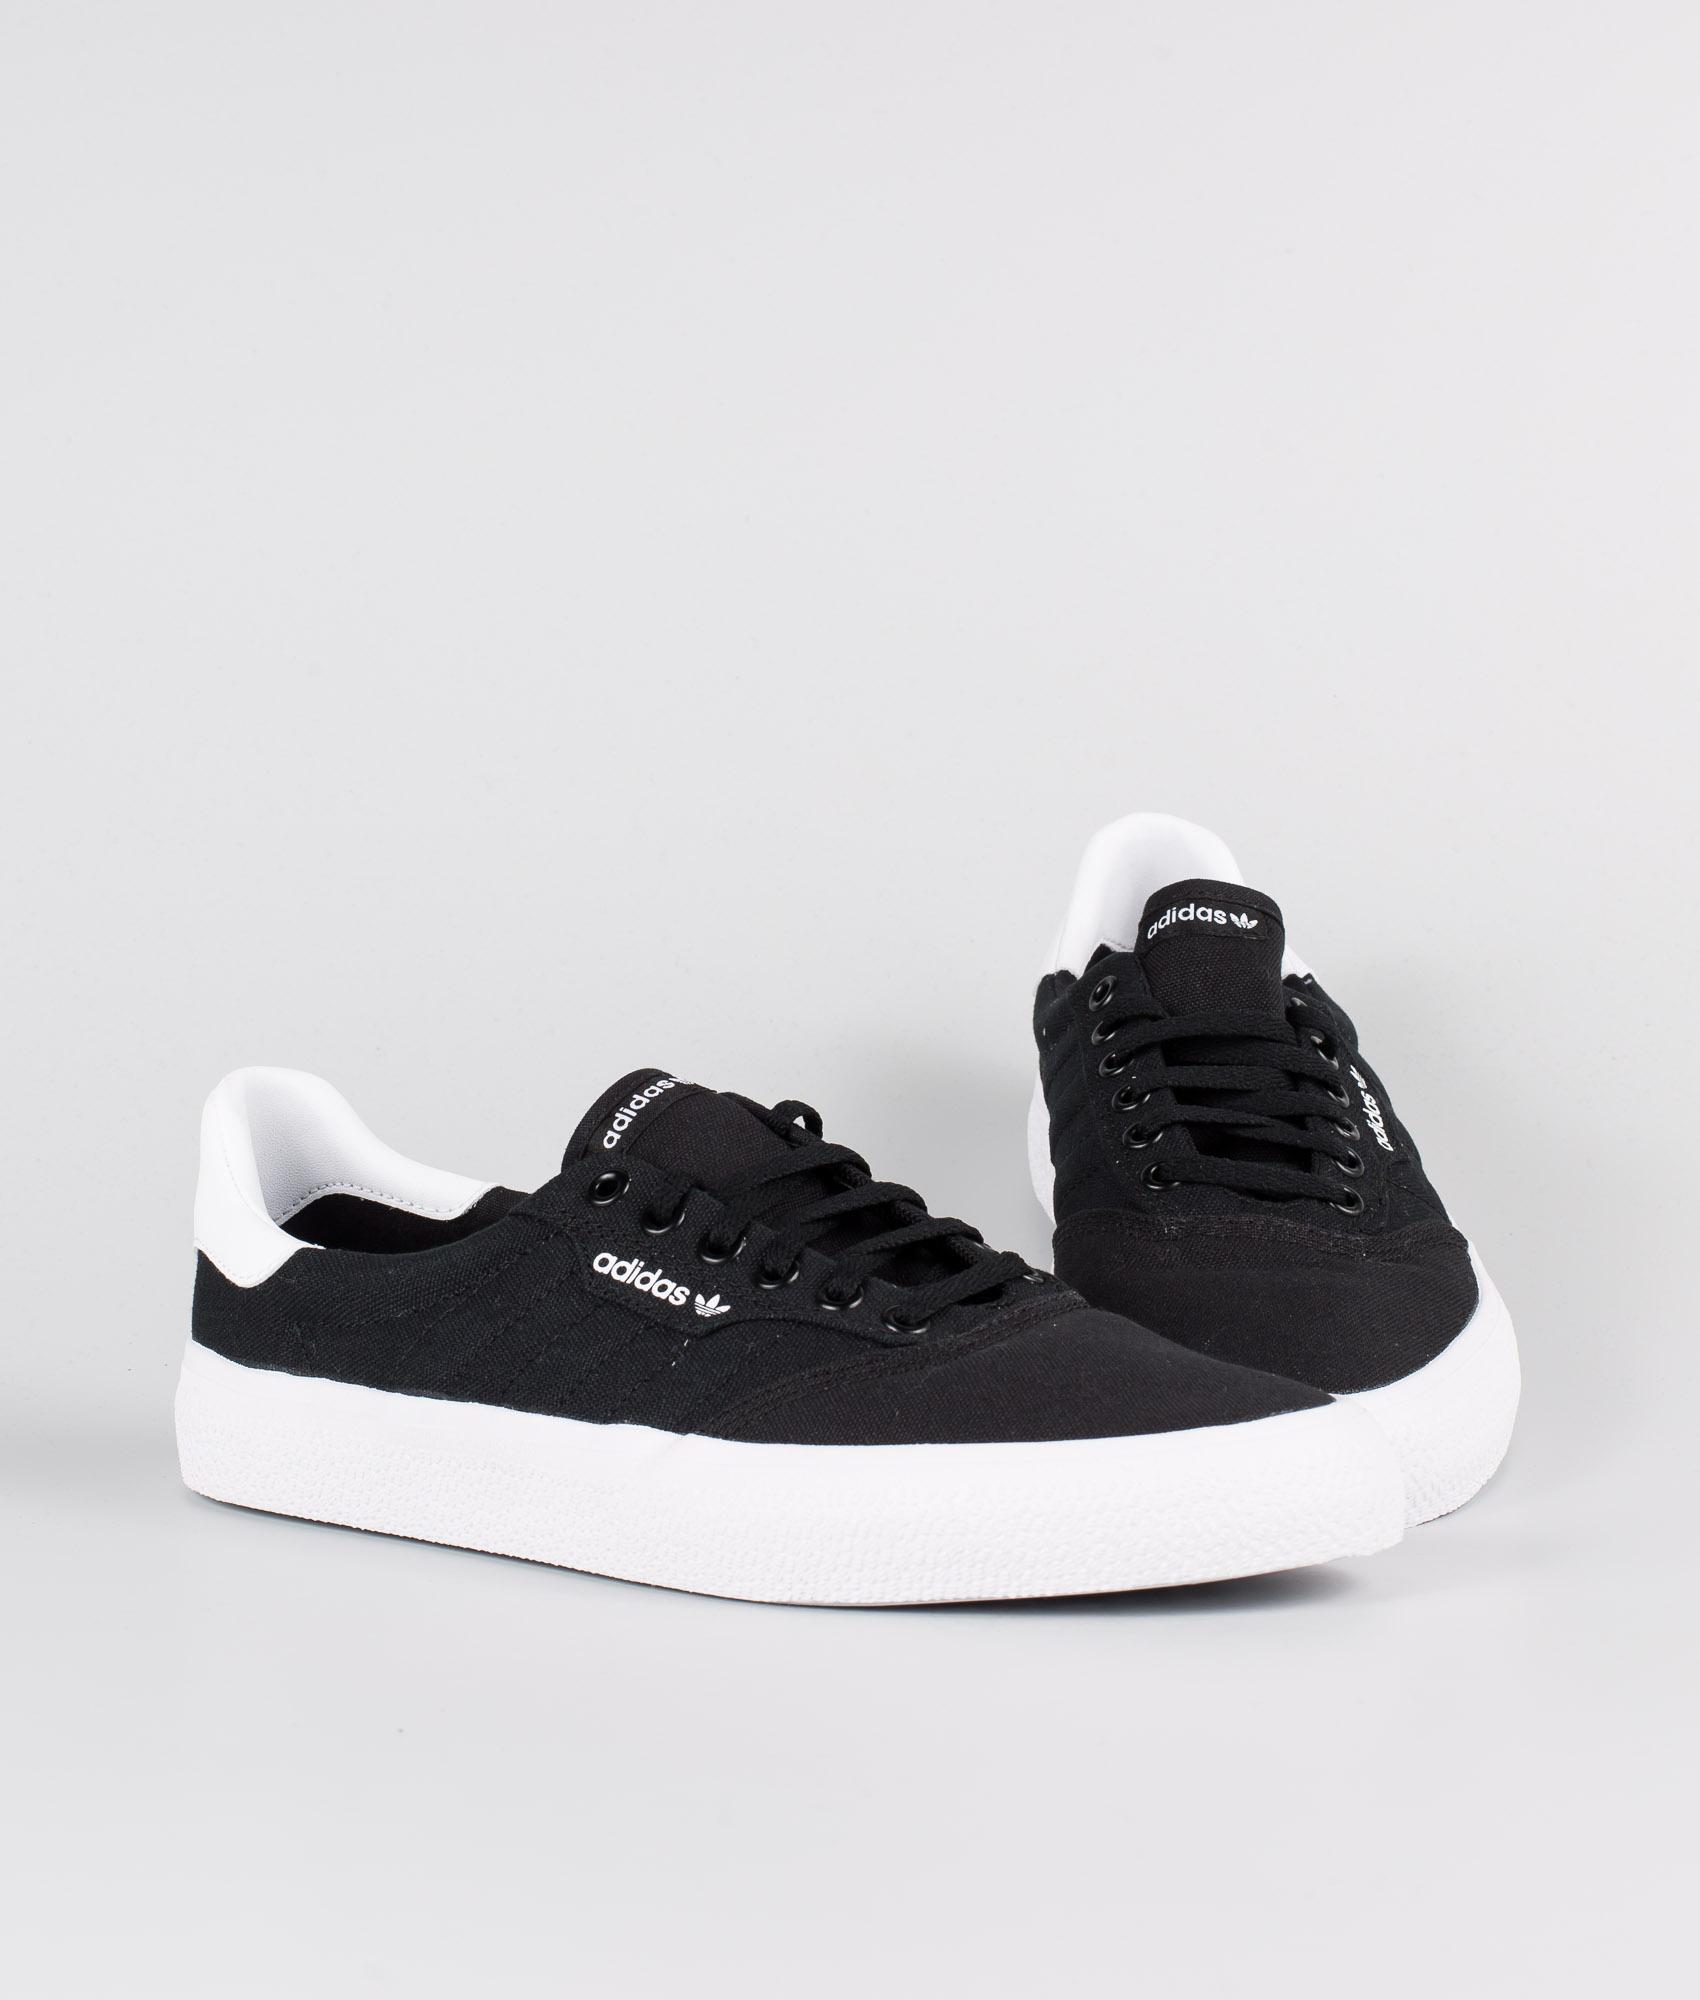 Adidas Originals 3MC Sko Core BlackCore BlackFootwear